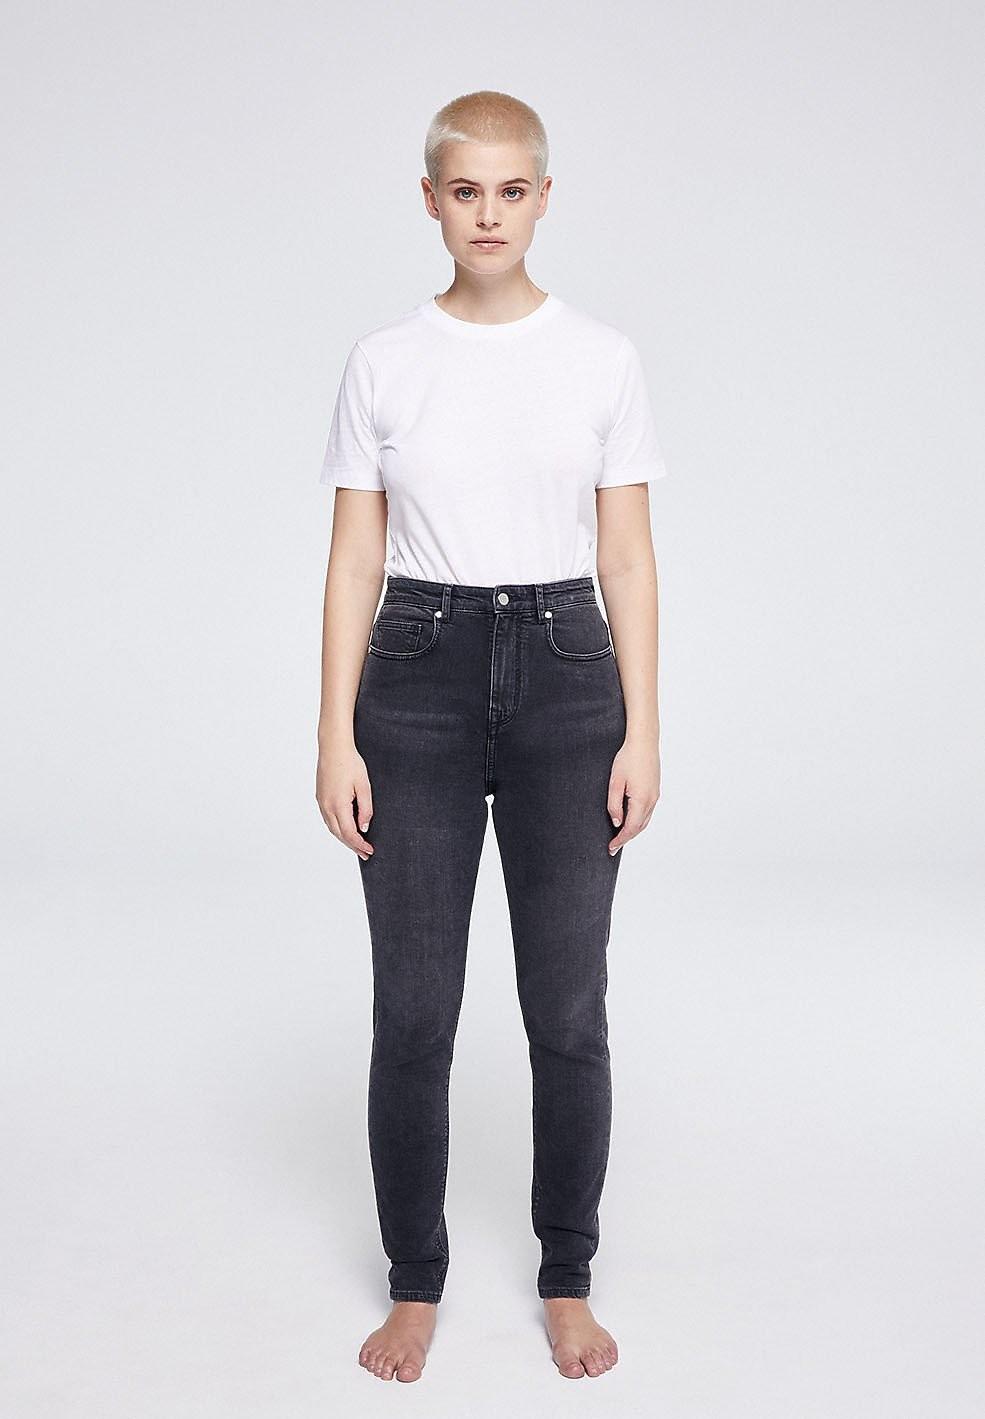 Jean skinny taille haute gris délavé en coton bio - ingaa - Armedangels